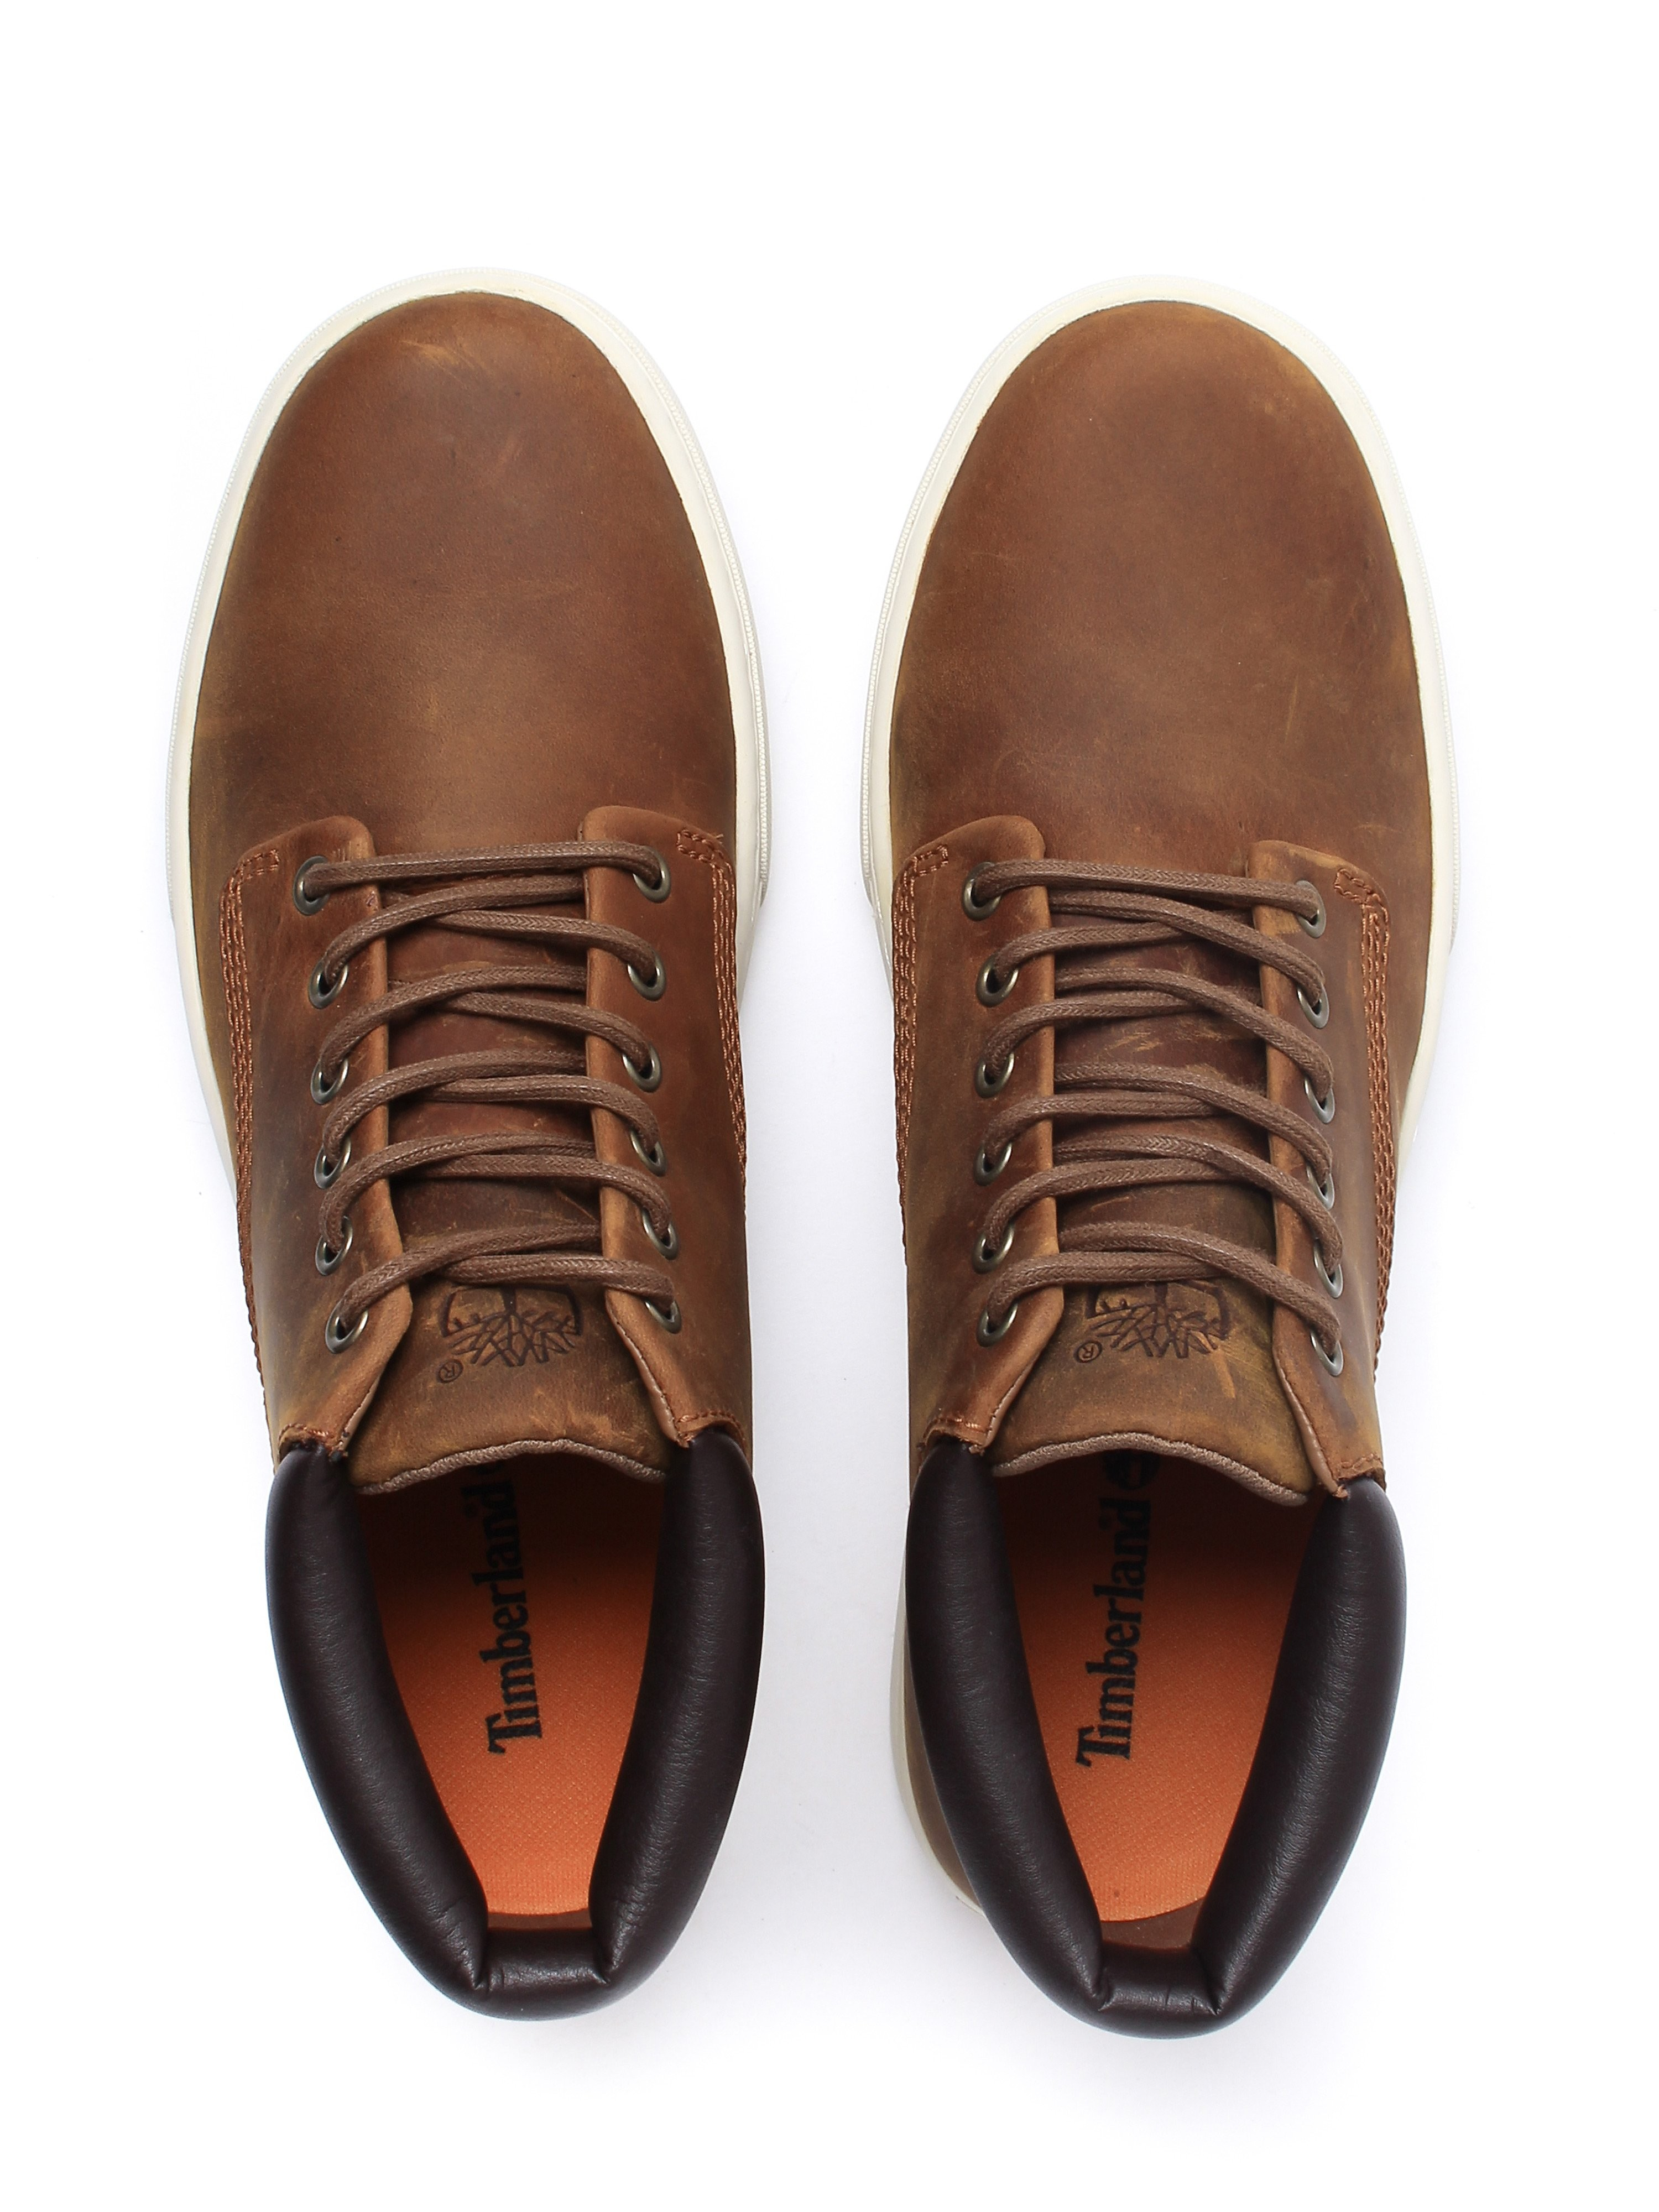 Timberland Men's Adventure 2.0 Chukka Boots - Glaze Ginger